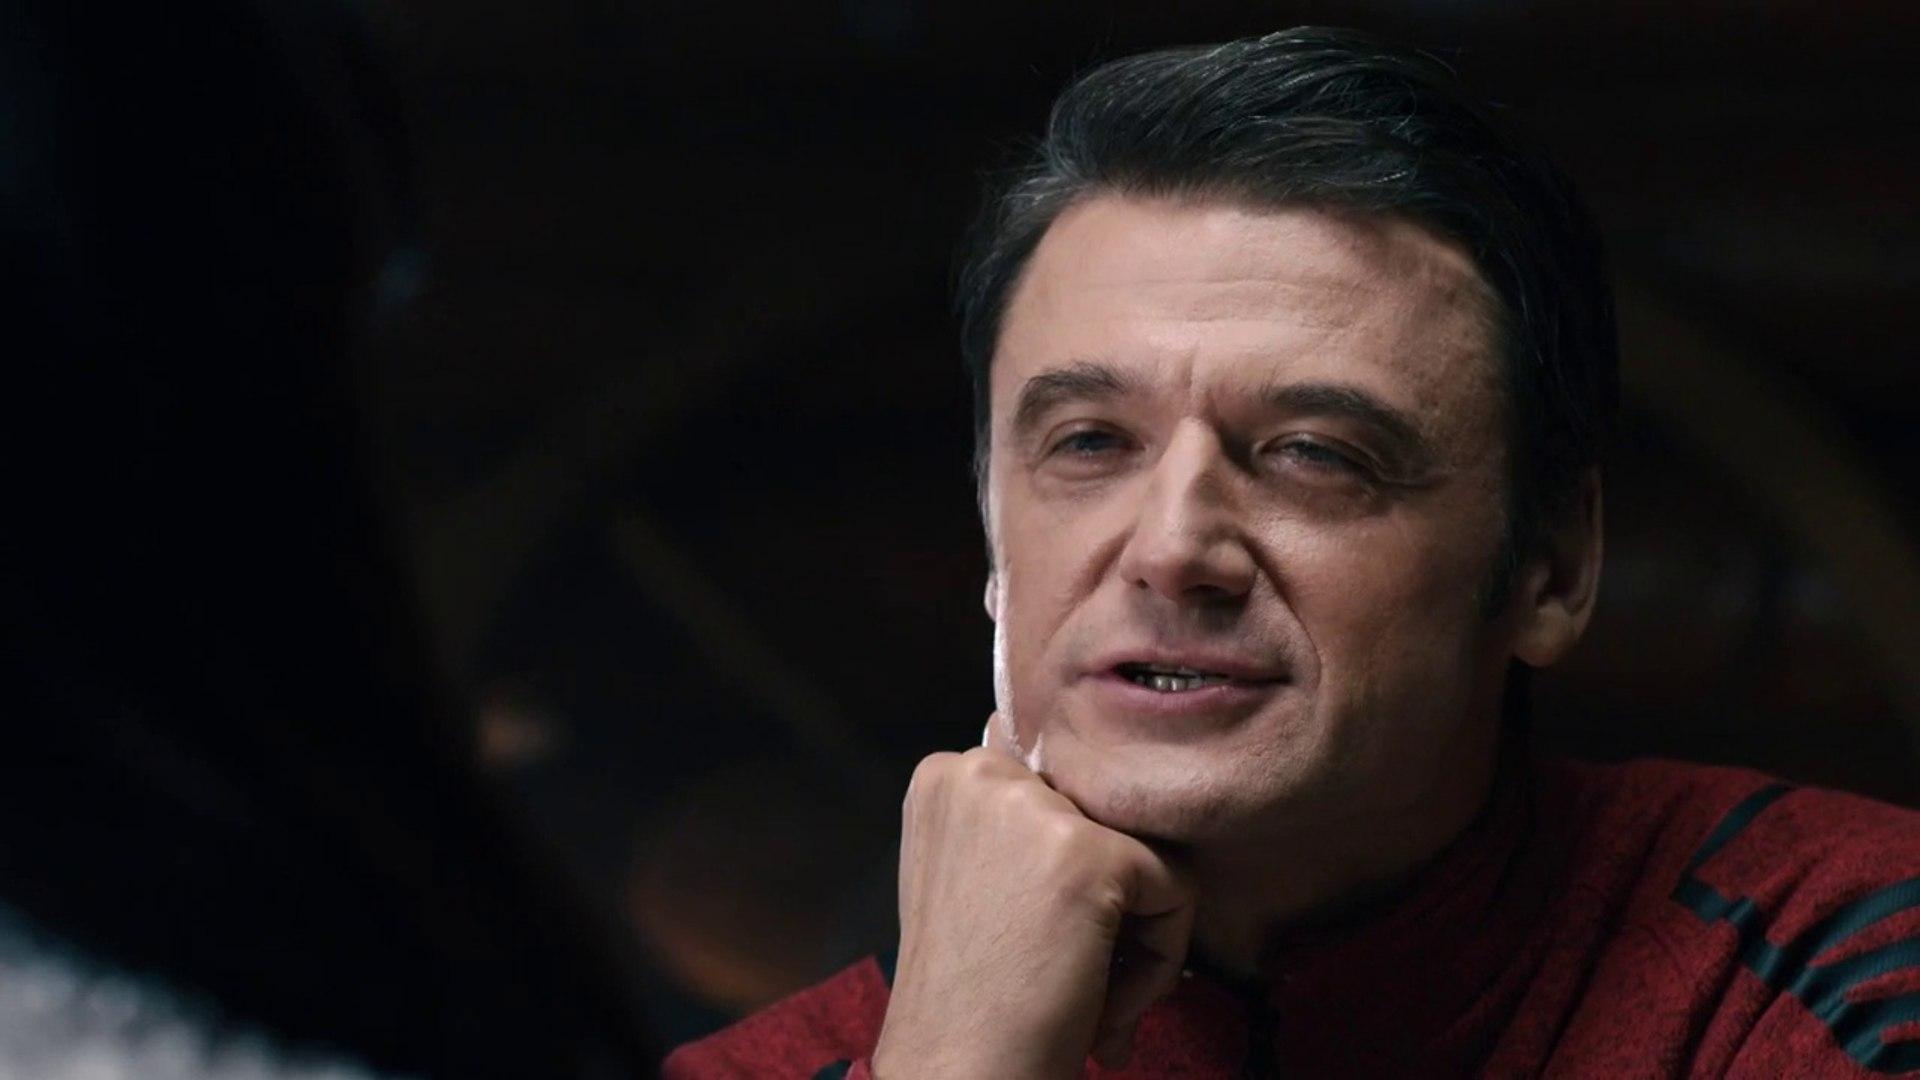 Просто роман (2018) фильм смотреть онлайн все серии Россия 1 фильм 1, 2, 3 и 4 серия Кино-сериал (Те